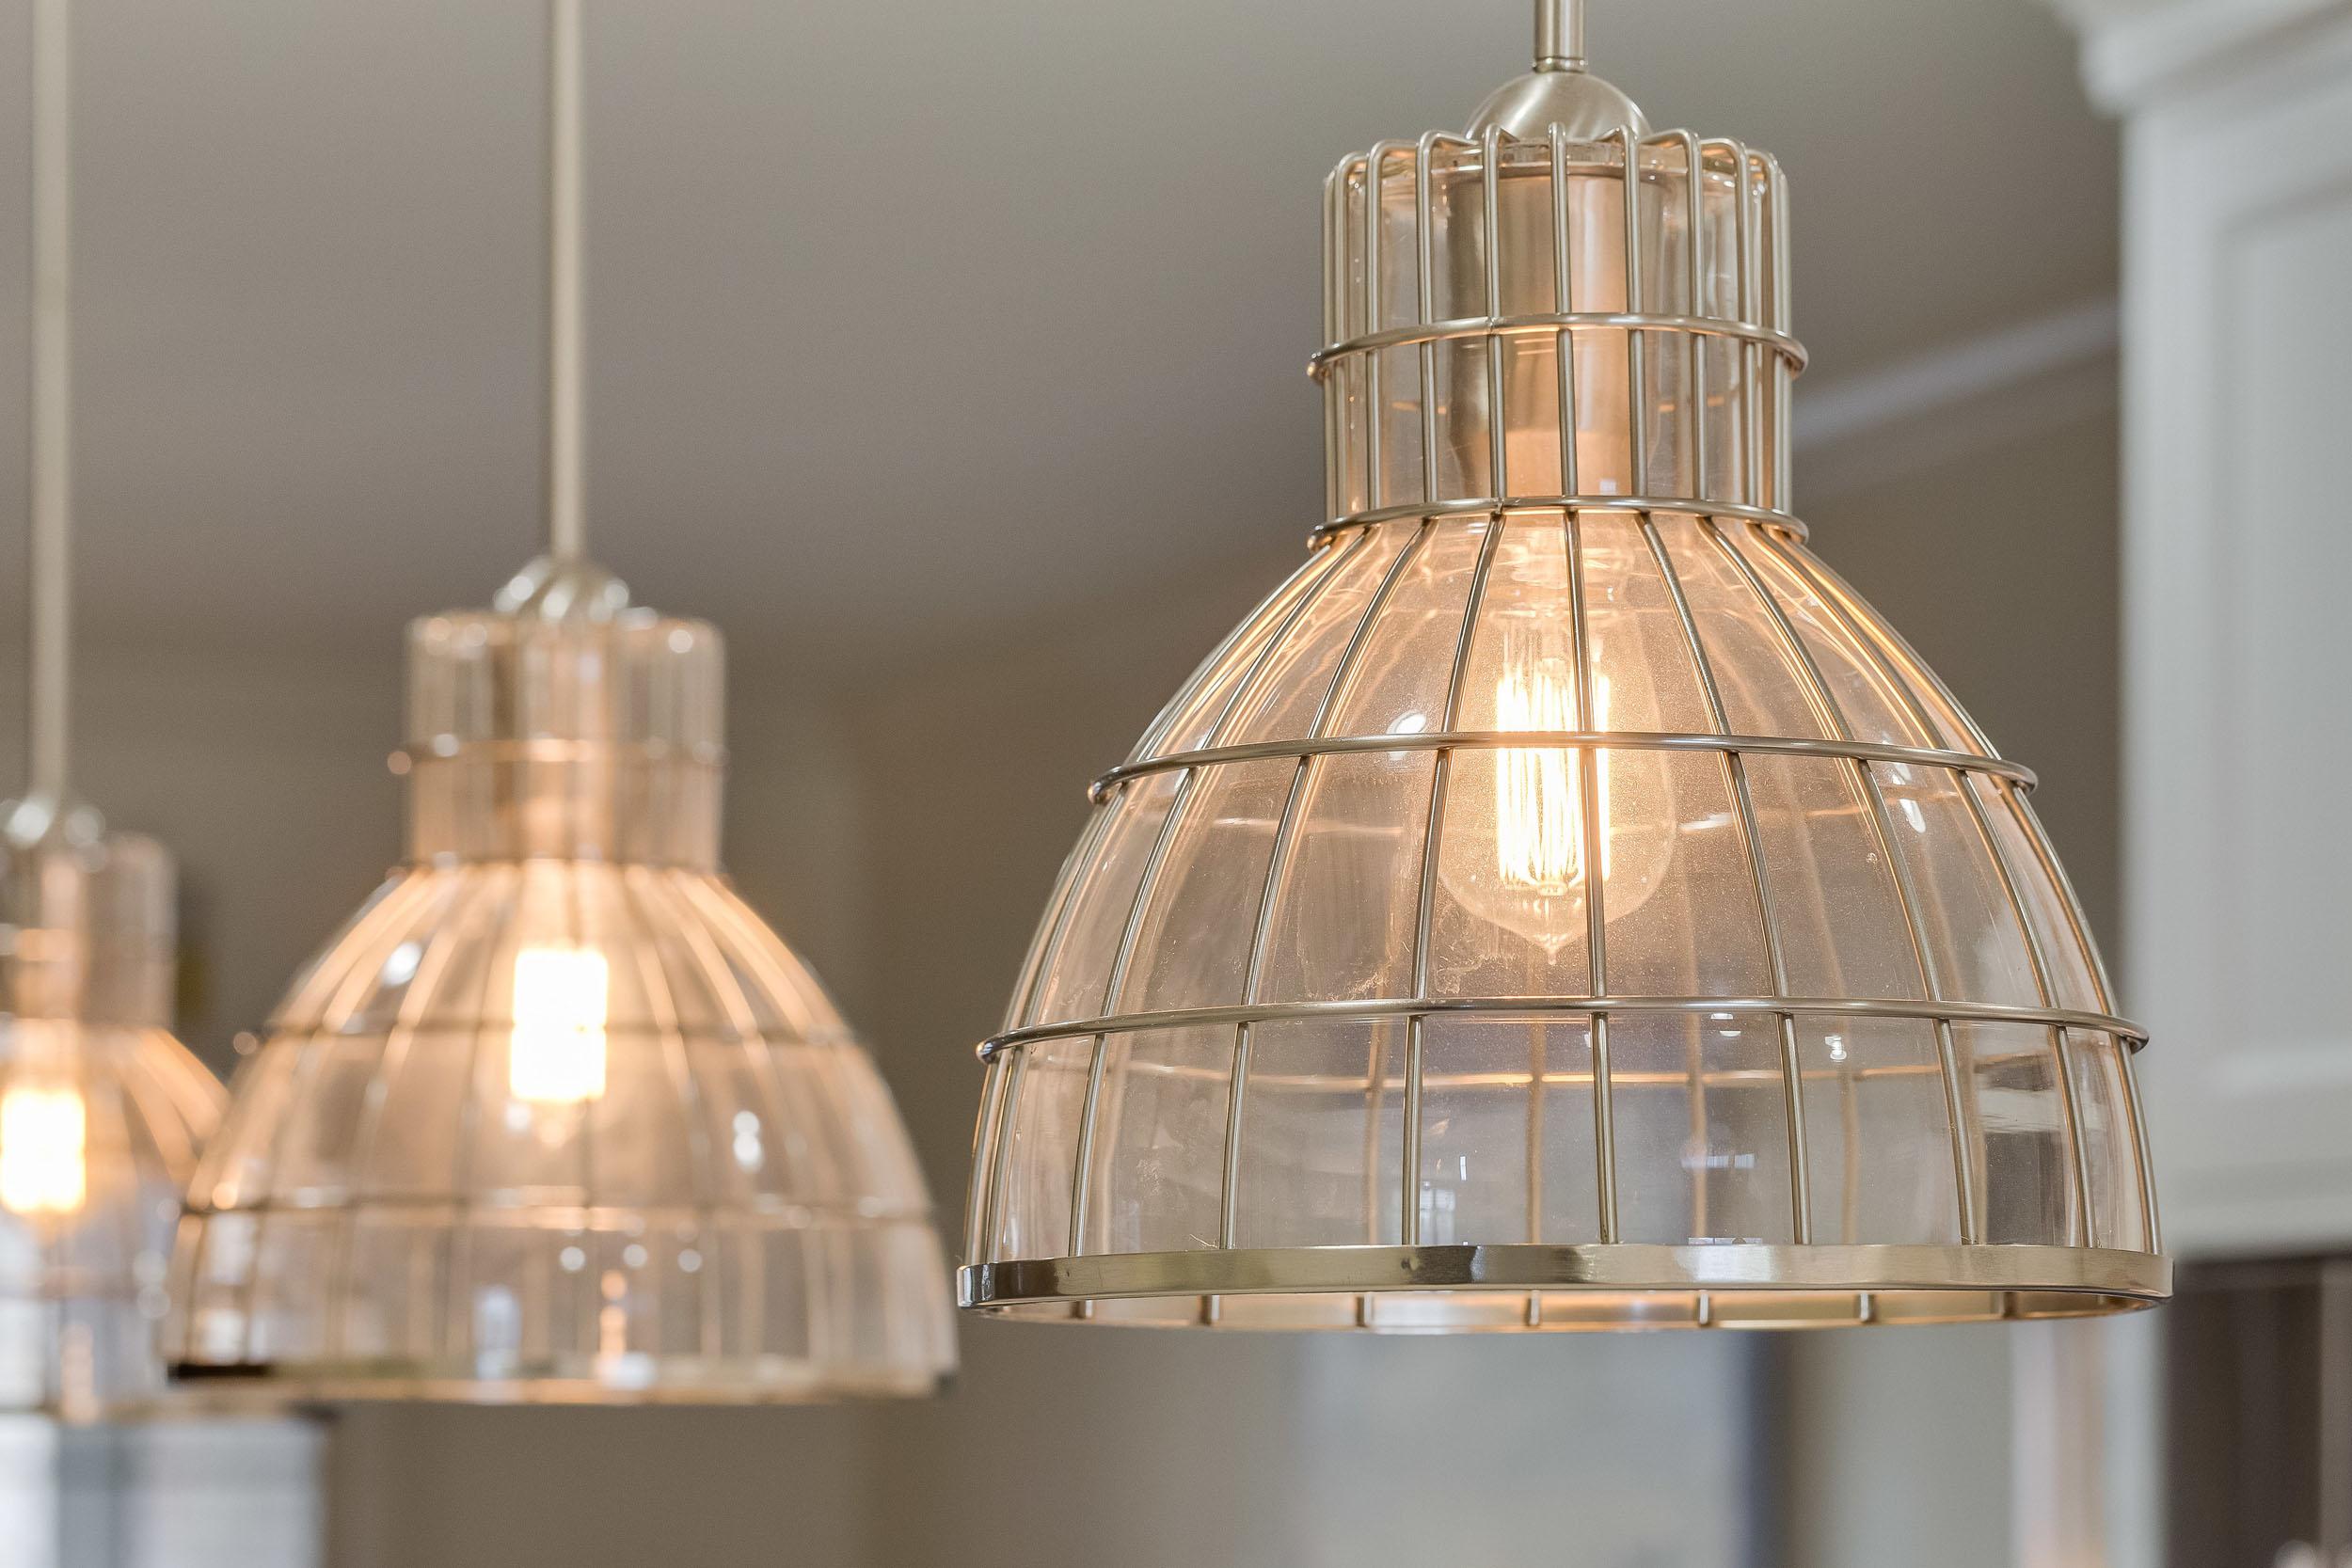 Wire cage lighting fixtures in satin nickel.